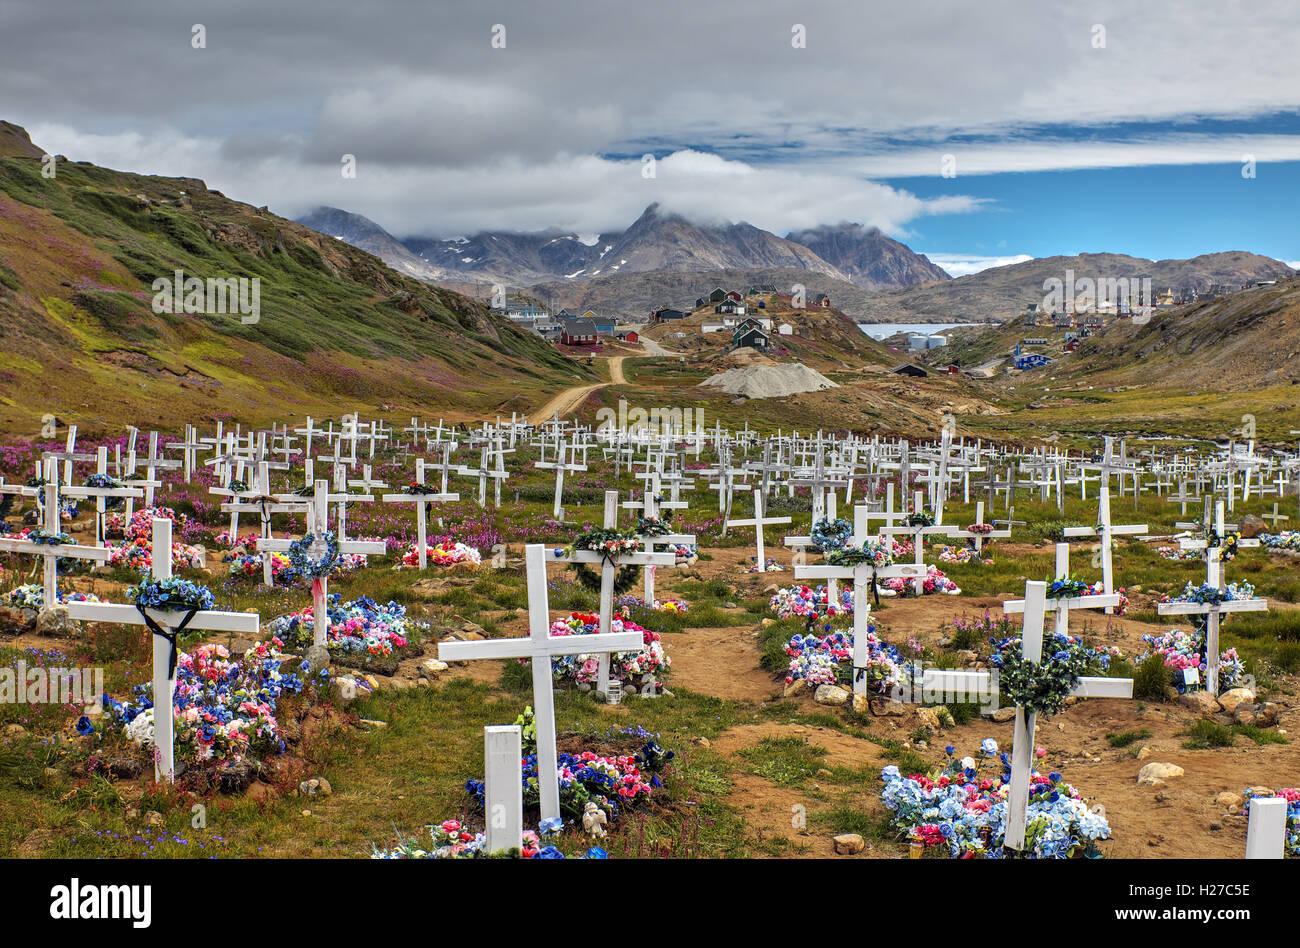 Cemetery outside town of Tasiilaq on Ammassalik Island, East Greenland Stock Photo